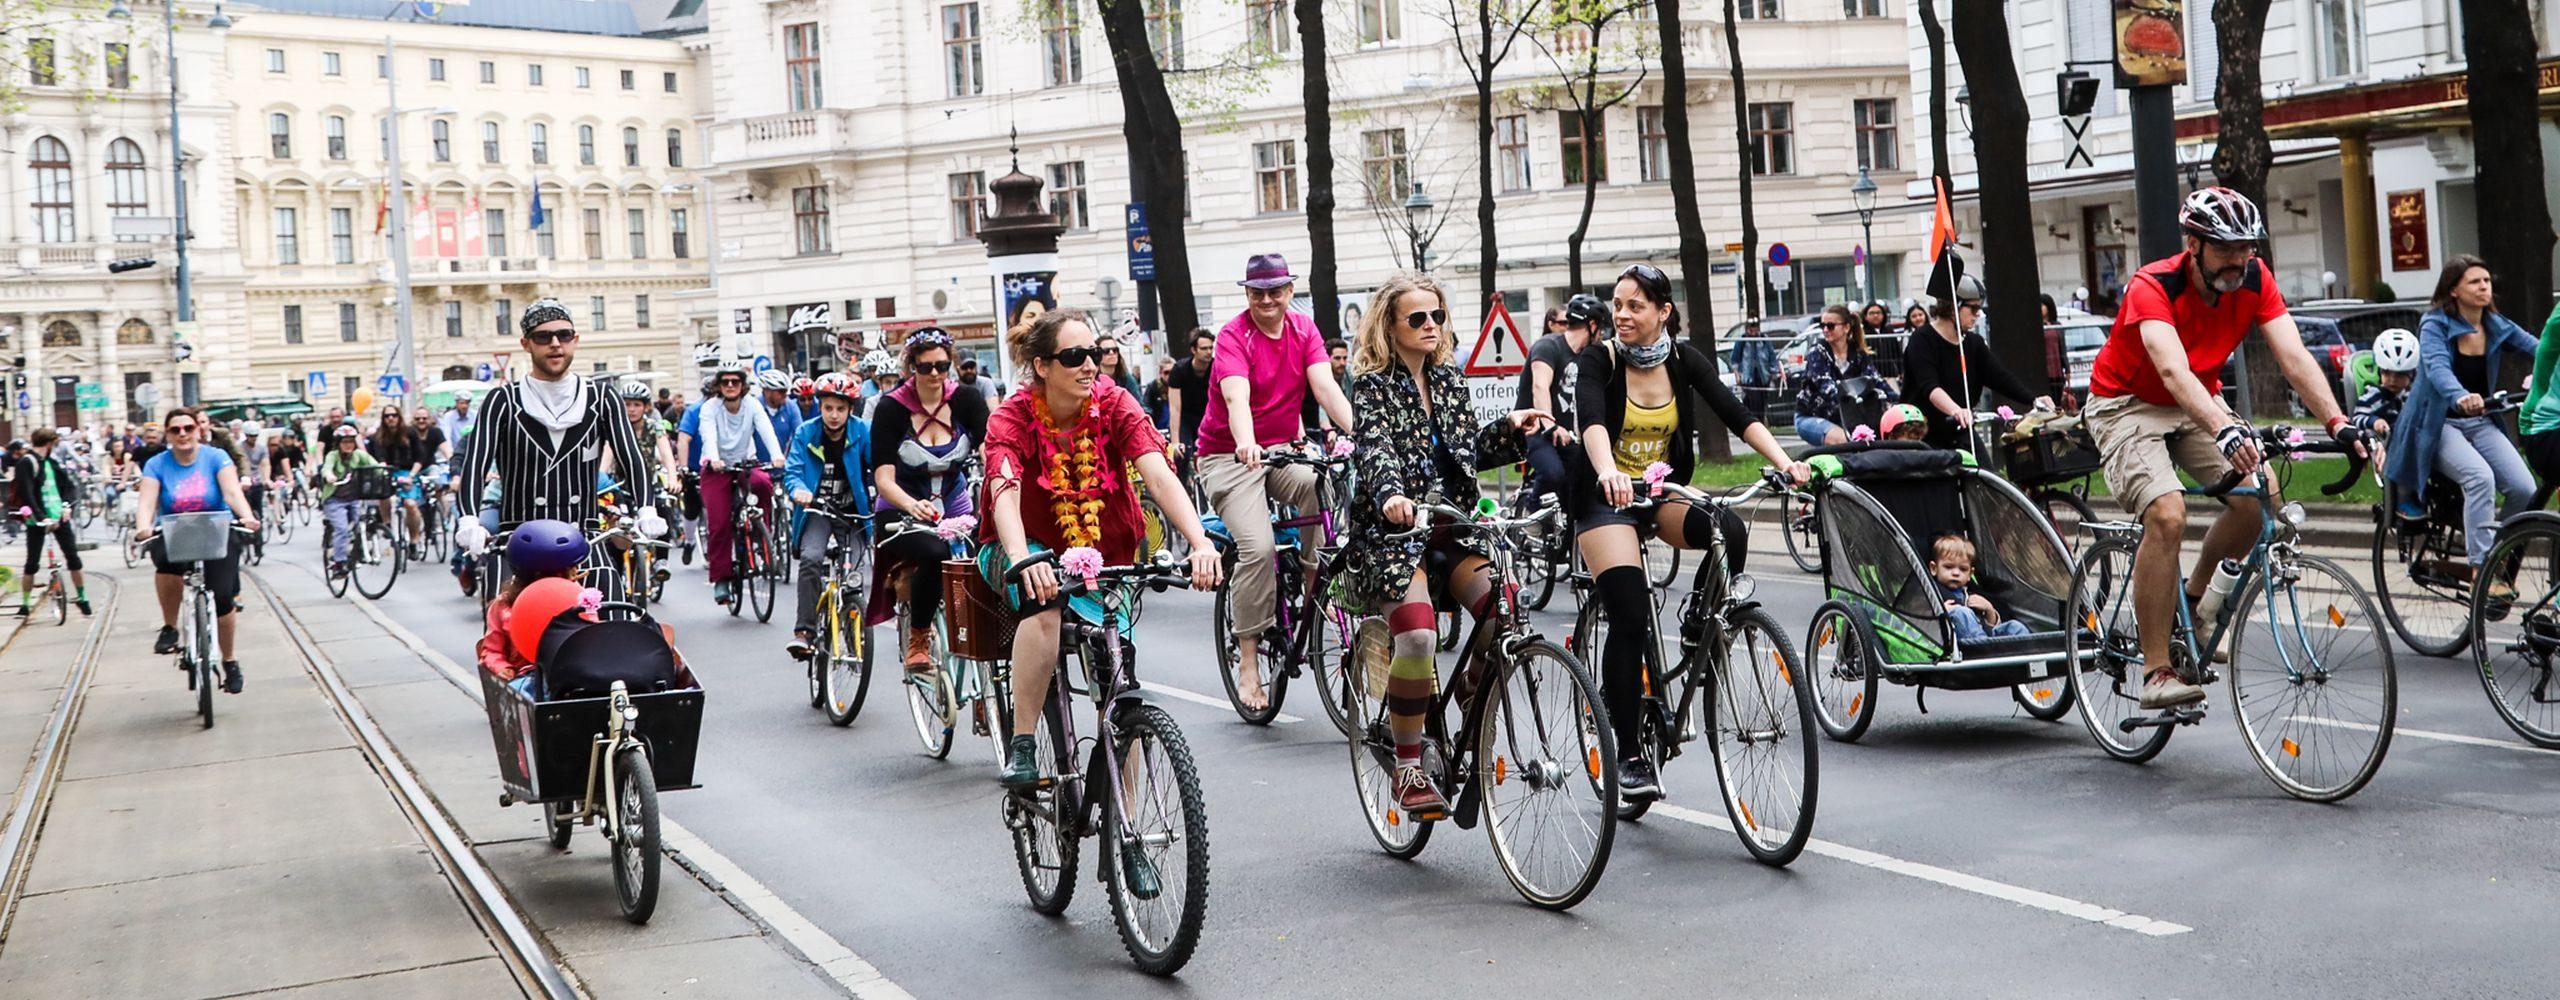 Bei der traditionellen gemeinsamen Radausfahrt am Wochenende des Bike Festivals, der RADpaRADe haben im Jahr 2018 mehr als 10.000 Radler teilgenommen. Foto: Christian Fürthner